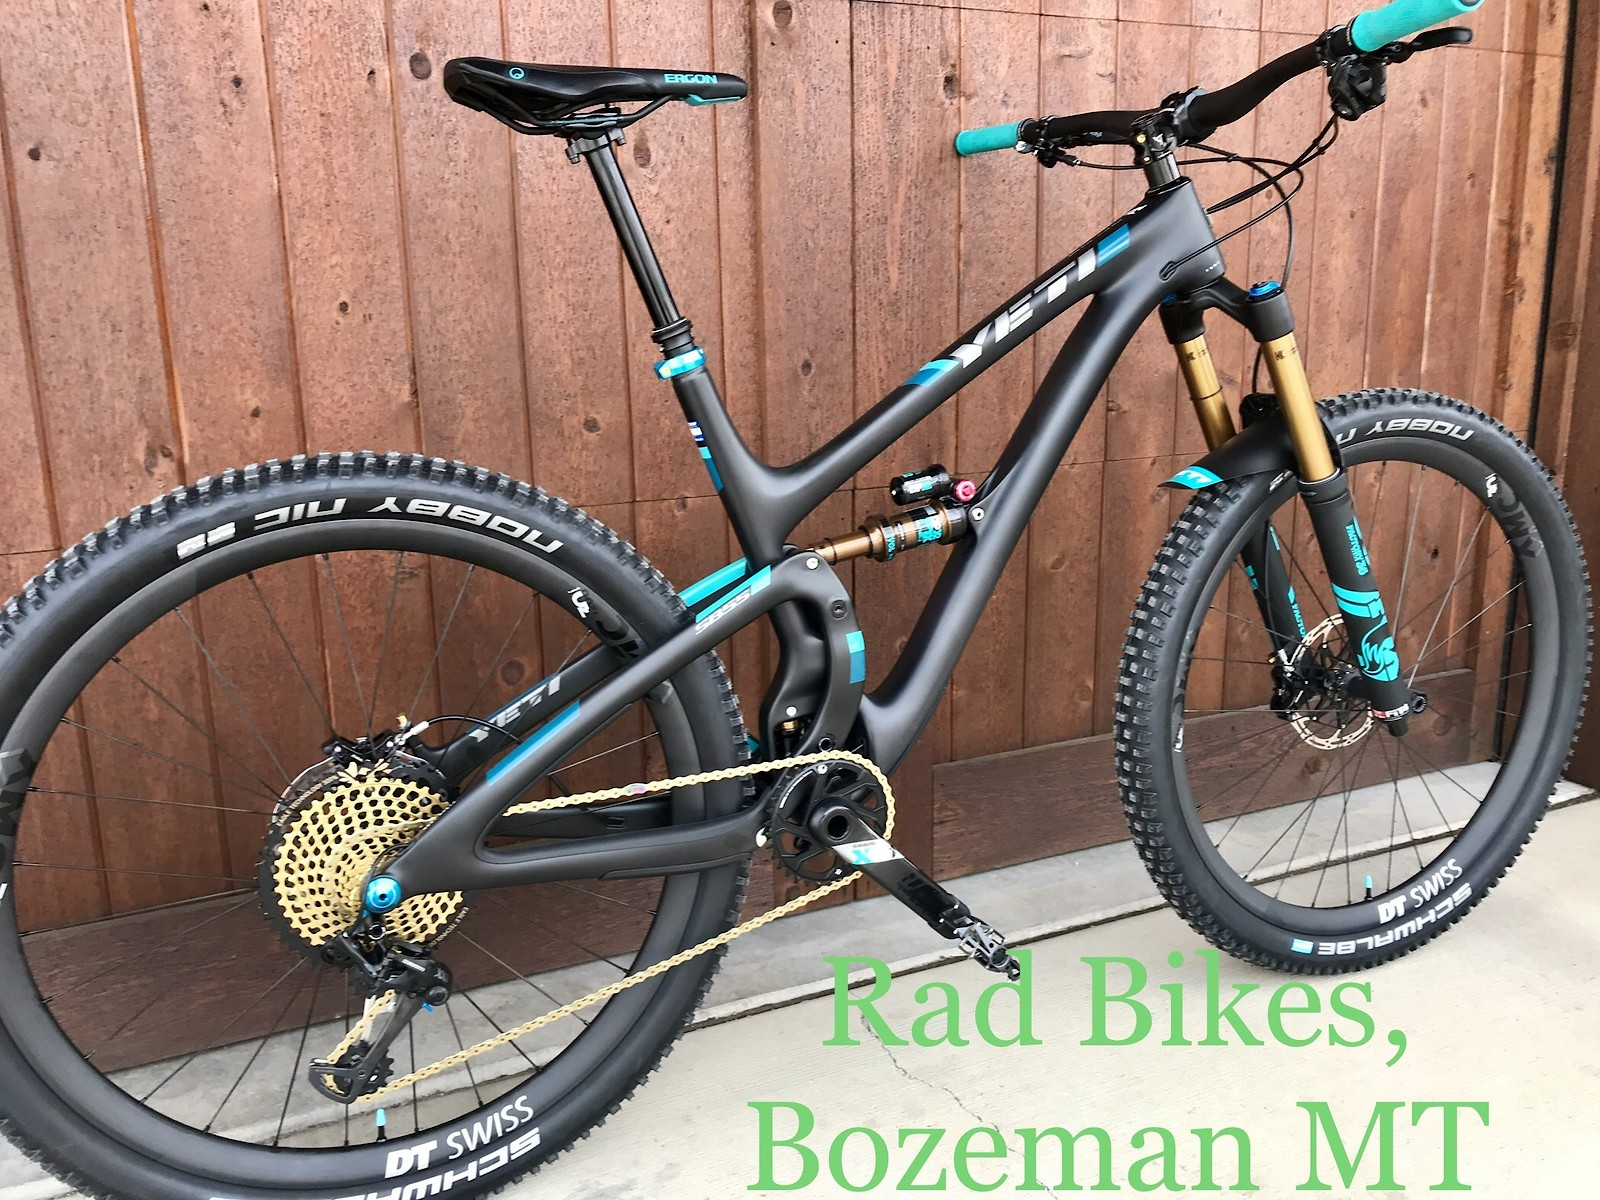 2018 Yeti SB5.5, Rad Bikes, Bozeman MT